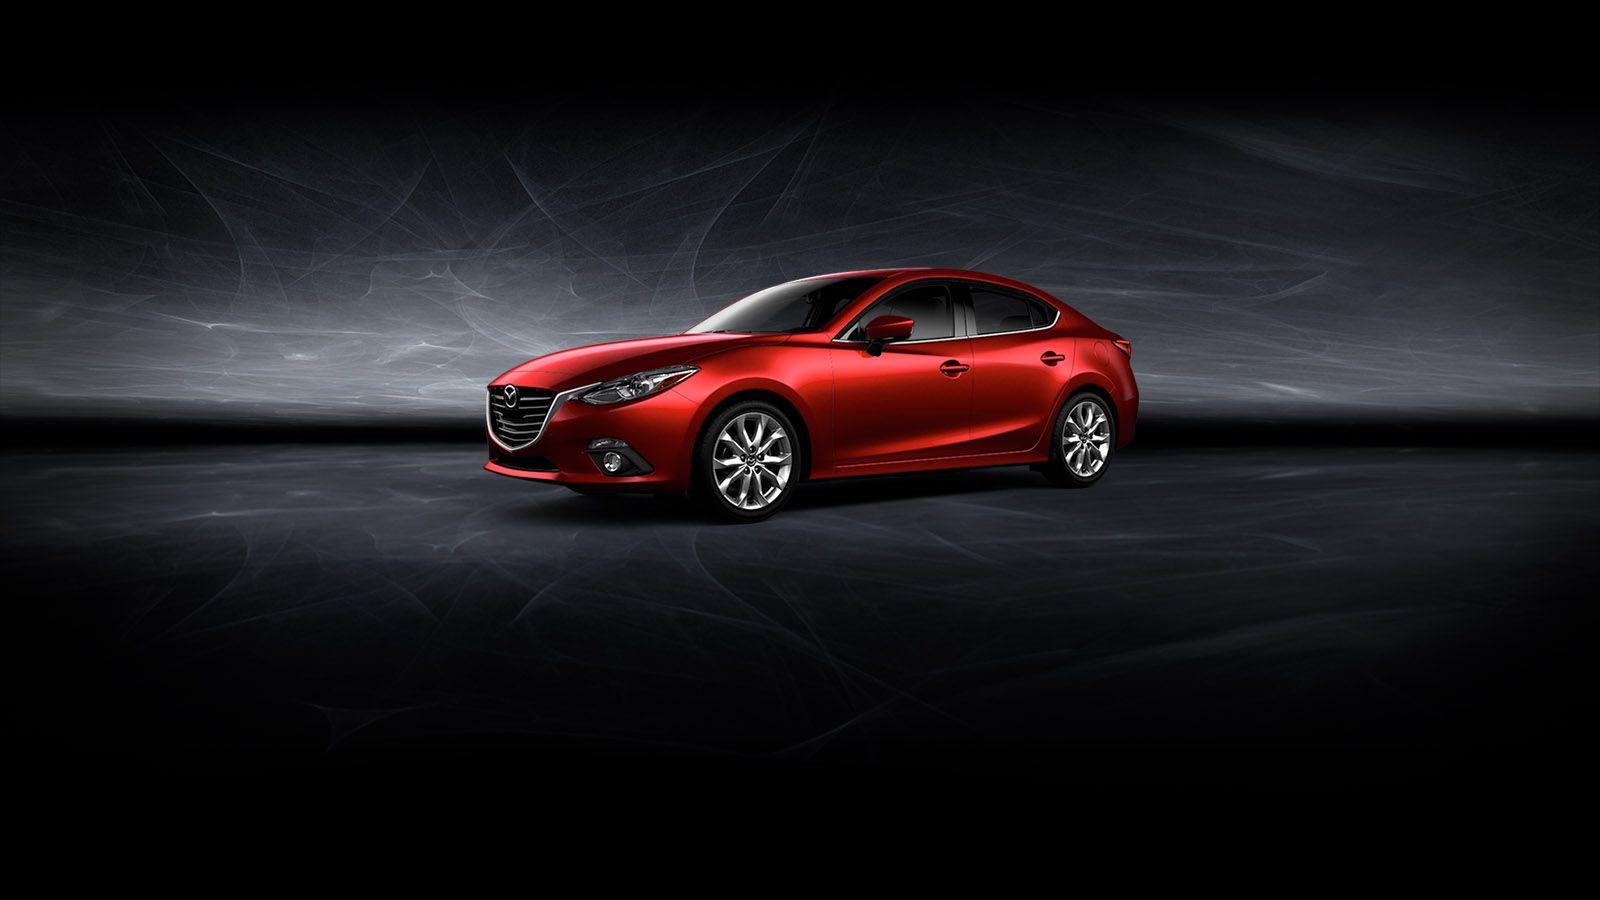 Mazda3 In Soul Red Black Mazda 3 Sedan Mazda Mazda Usa